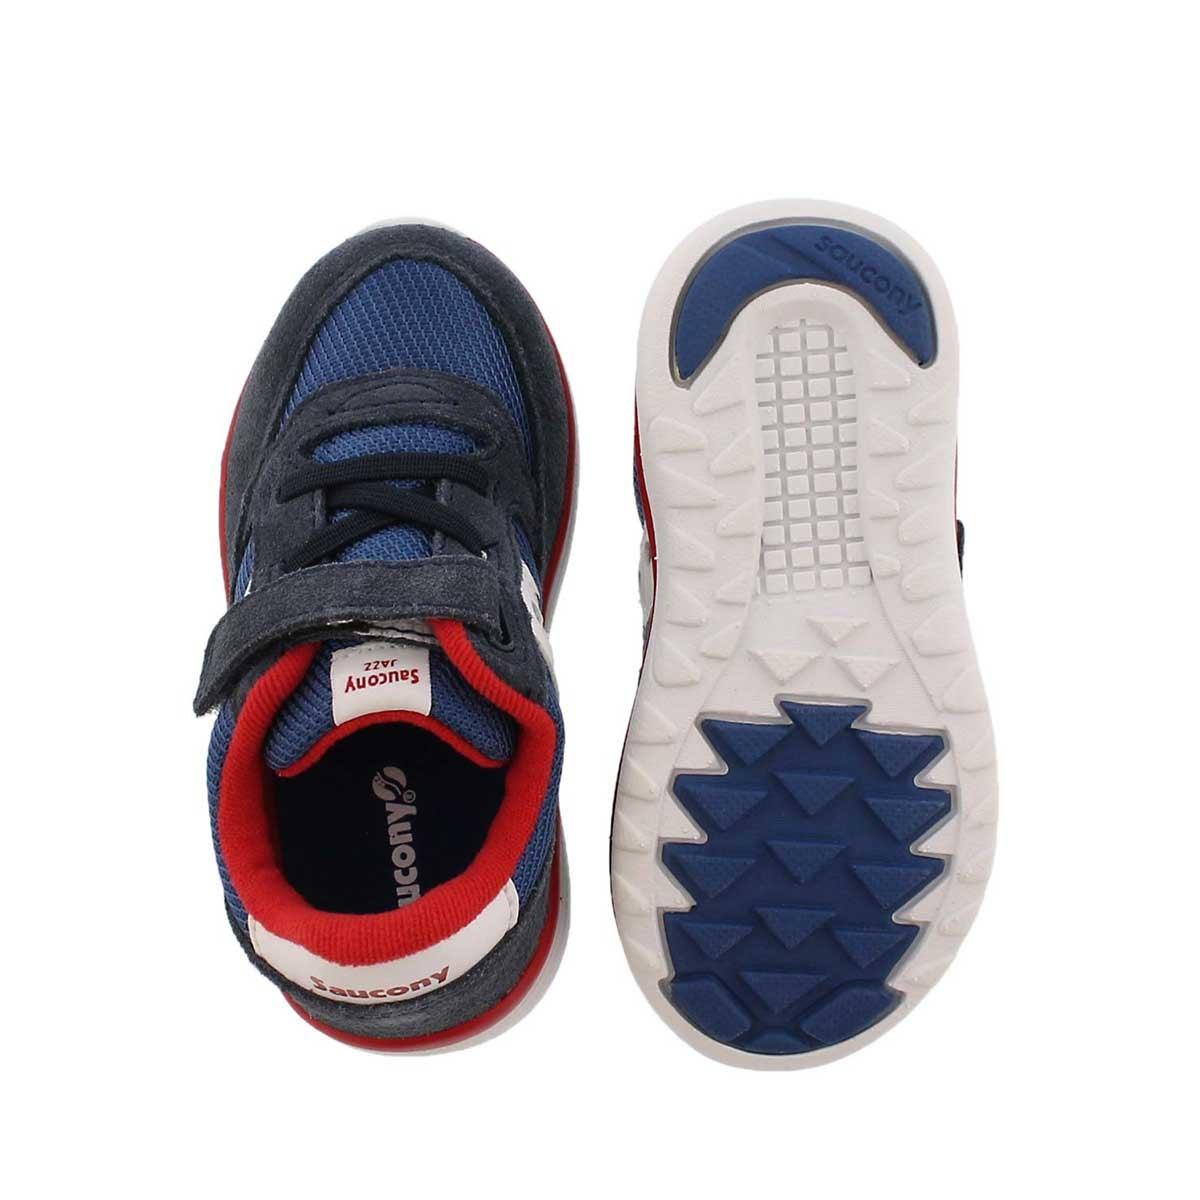 Infs-b Jazz Lite nvy/rd sneaker- wide